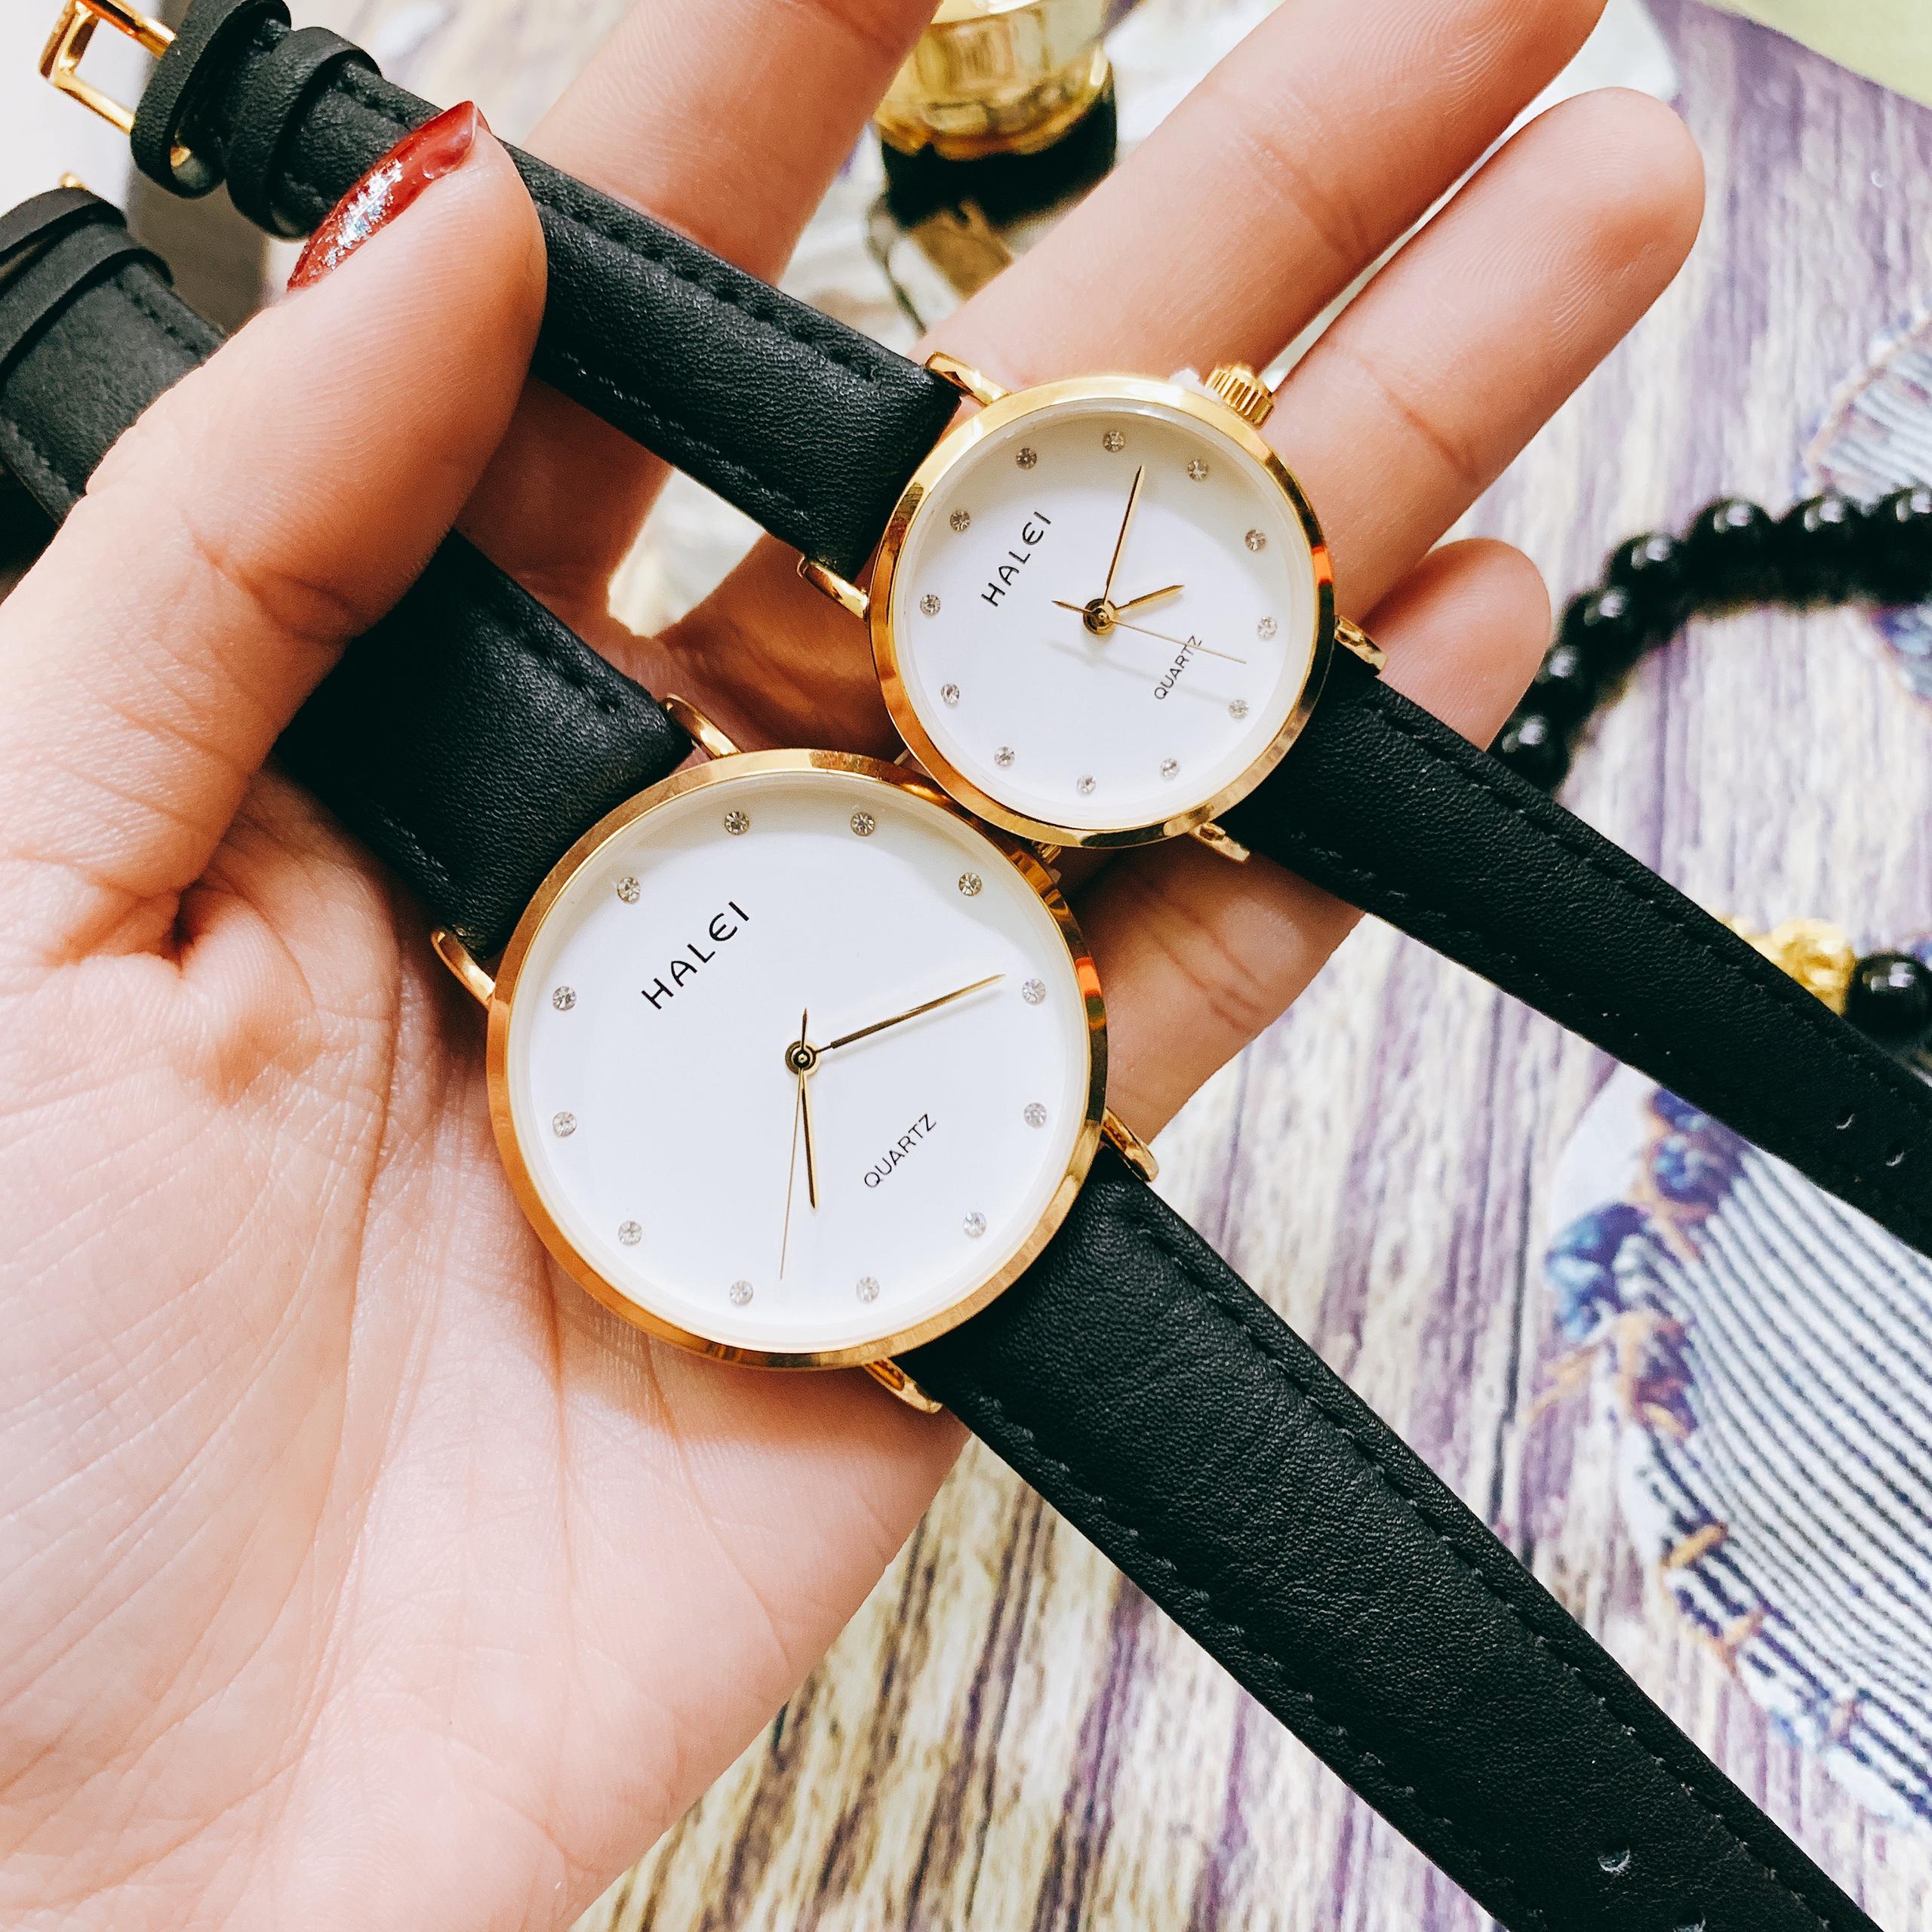 Cặp Đồng Hồ Nam Nữ Halei HL542 Dây da đen mặt trắng (Tặng pin Nhật sẵn trong đồng hồ + Móc Khóa gỗ Đồng hồ 888 y hình + Hộp chính hãng)